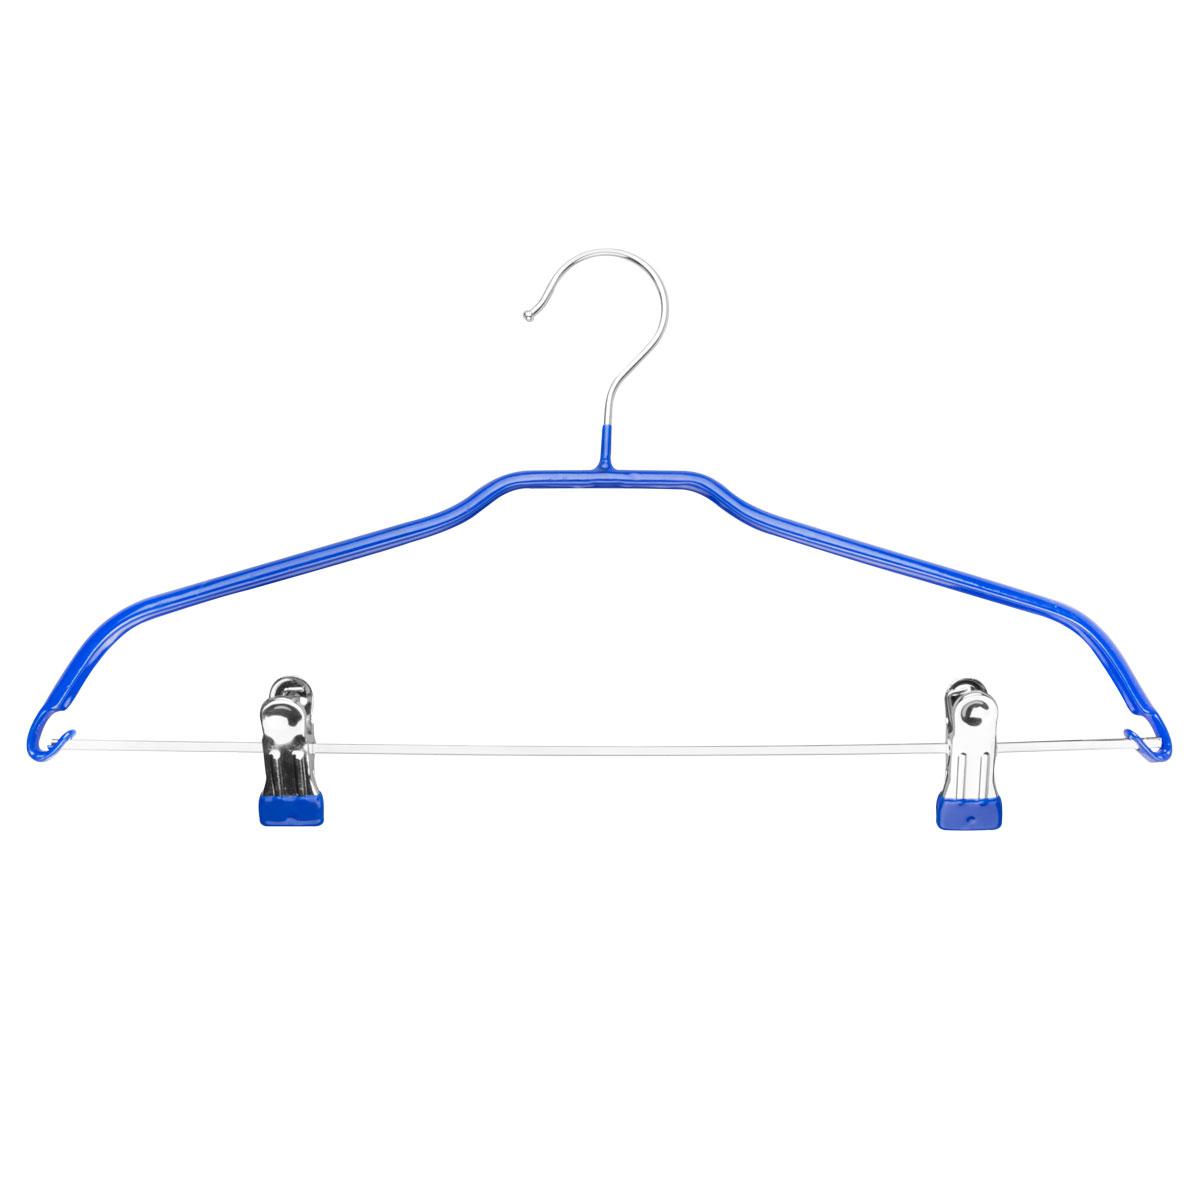 Вешалка Miolla, с клипсами для брюк, цвет: синий, длина 44 см2511016BВешалка Miolla изготовлена из высококачественного металла. Зажимы и плечики имеют резиновое покрытие, чтобы не повредить ткань. Вешалка с клипсами для брюк Miolla станет практичным и полезным аксессуаром в вашем гардеробе.